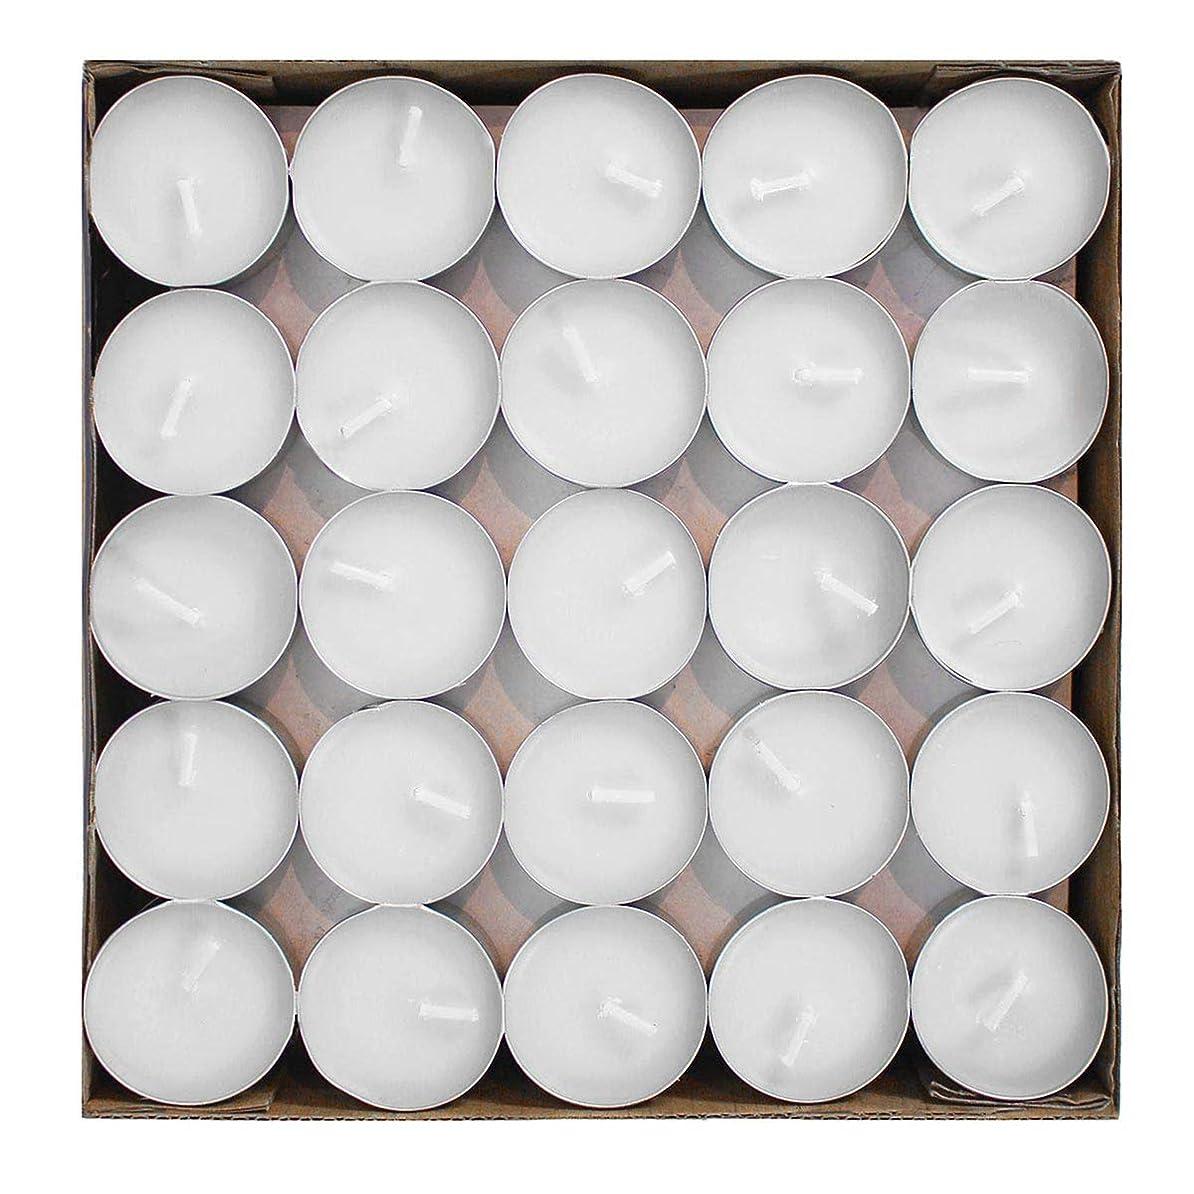 騒共感する航空会社Hwagui ろうそく お茶アロマ キャンドル アロマ キャンドル ロウソク 人気 香り 約1.5-2時間 50個 ZH004